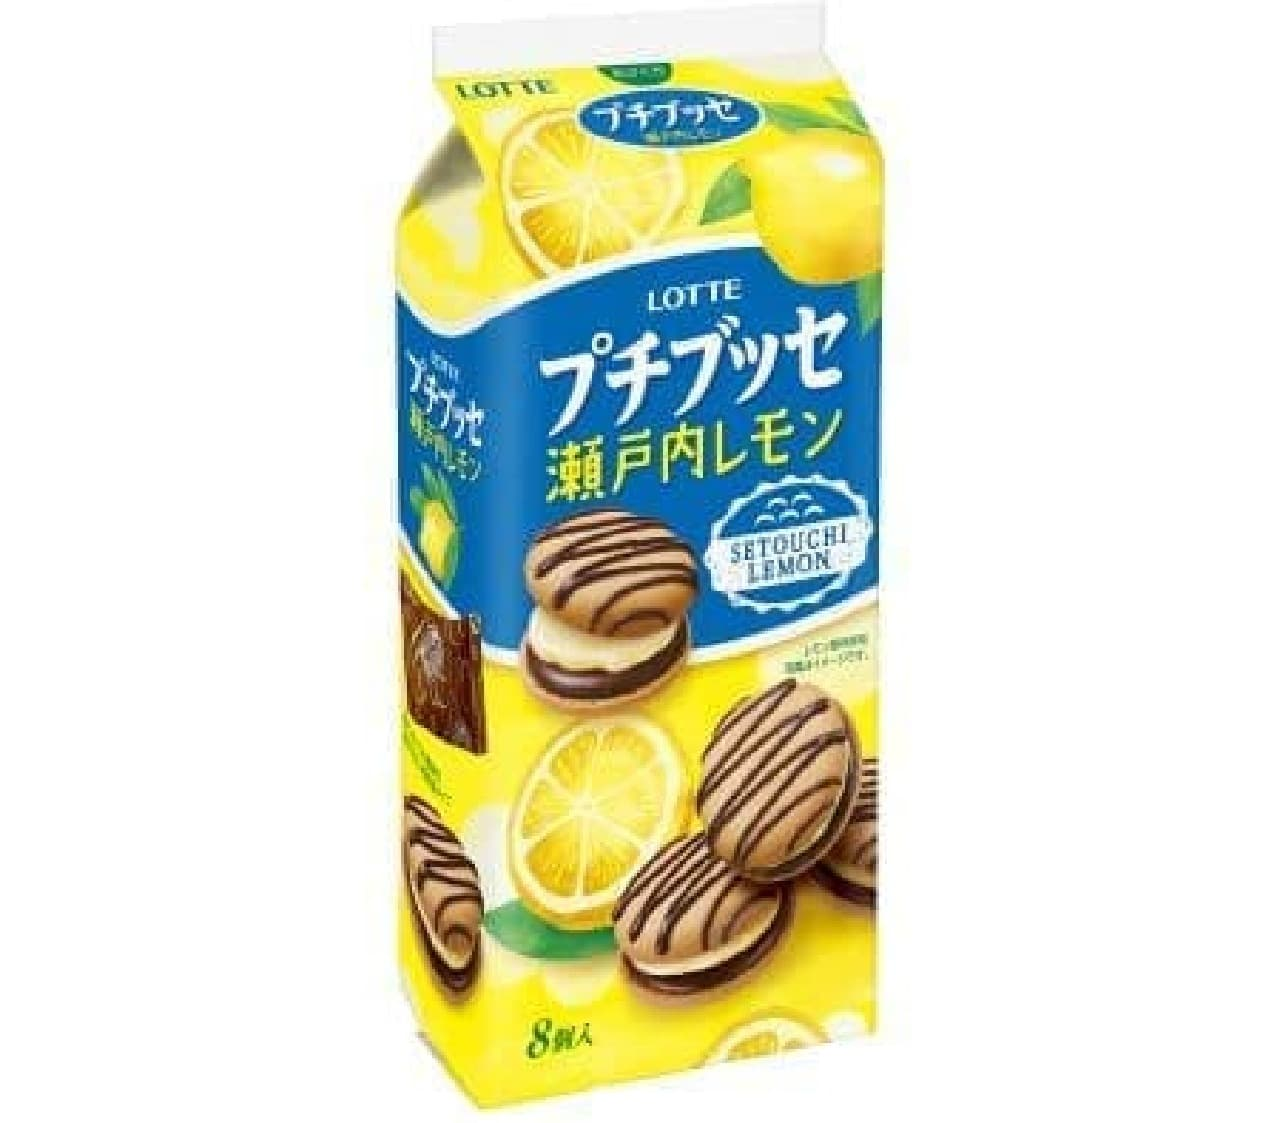 ロッテ「プチブッセ<瀬戸内レモン>」